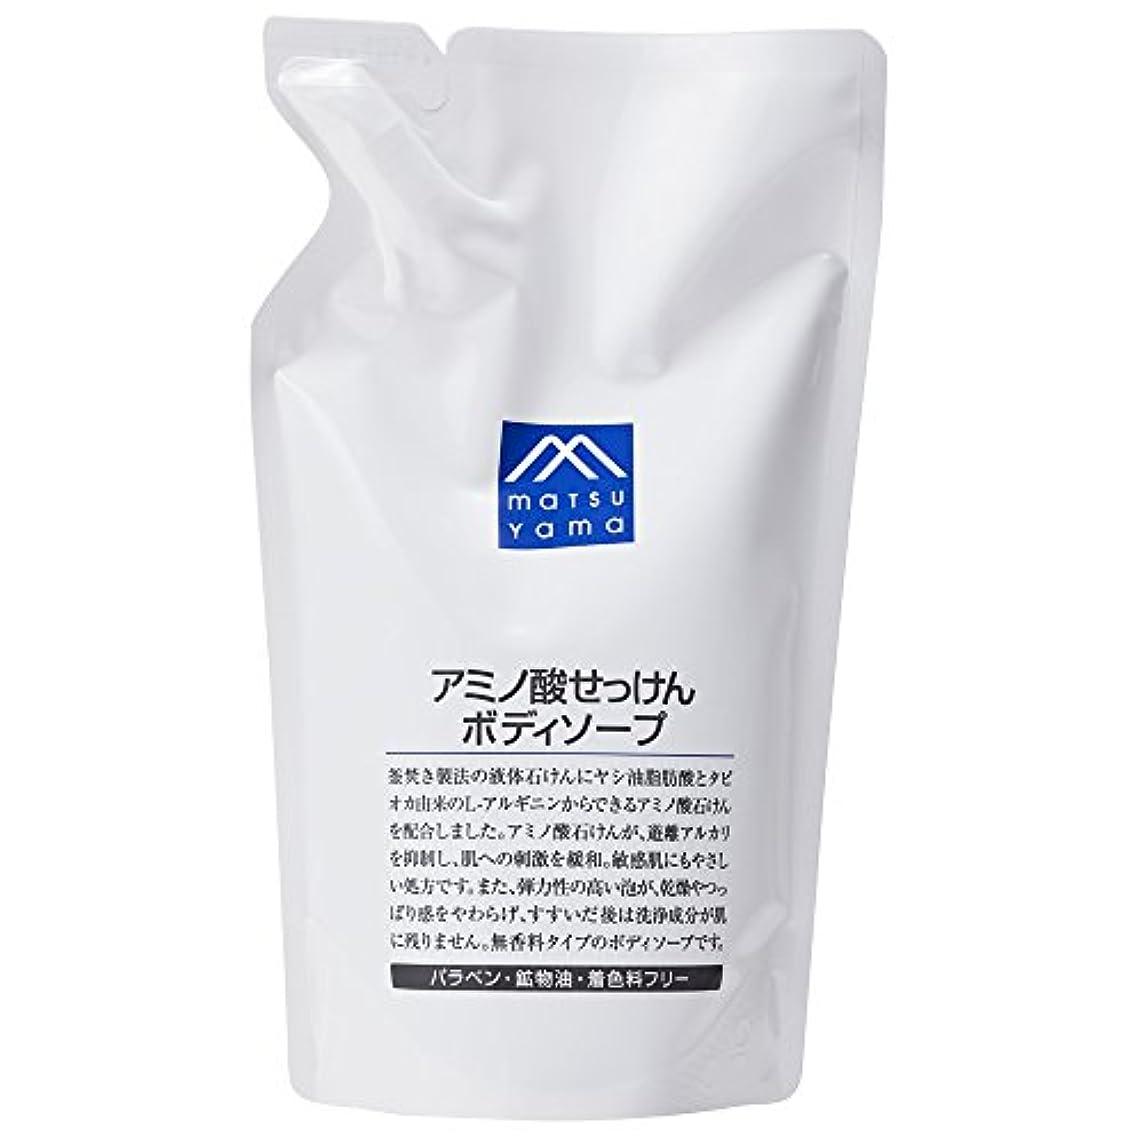 にんじんブラジャーアクティブM-mark アミノ酸せっけんボディソープ 詰替用